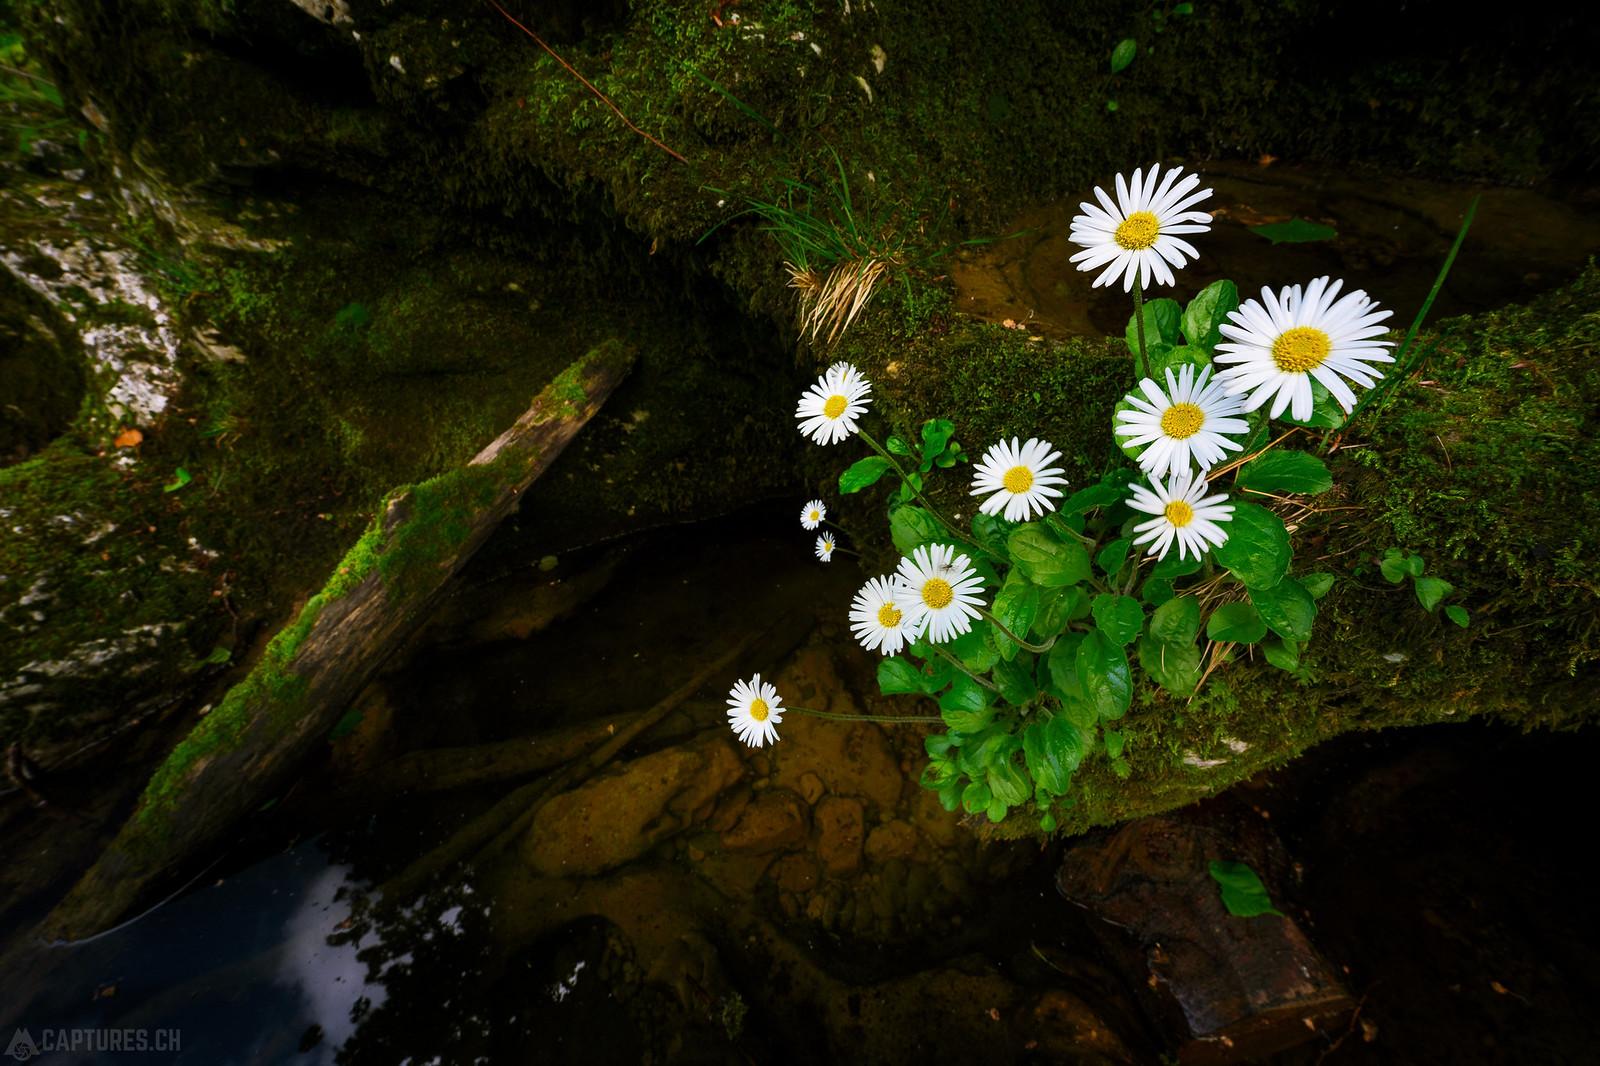 Flower - Orbe